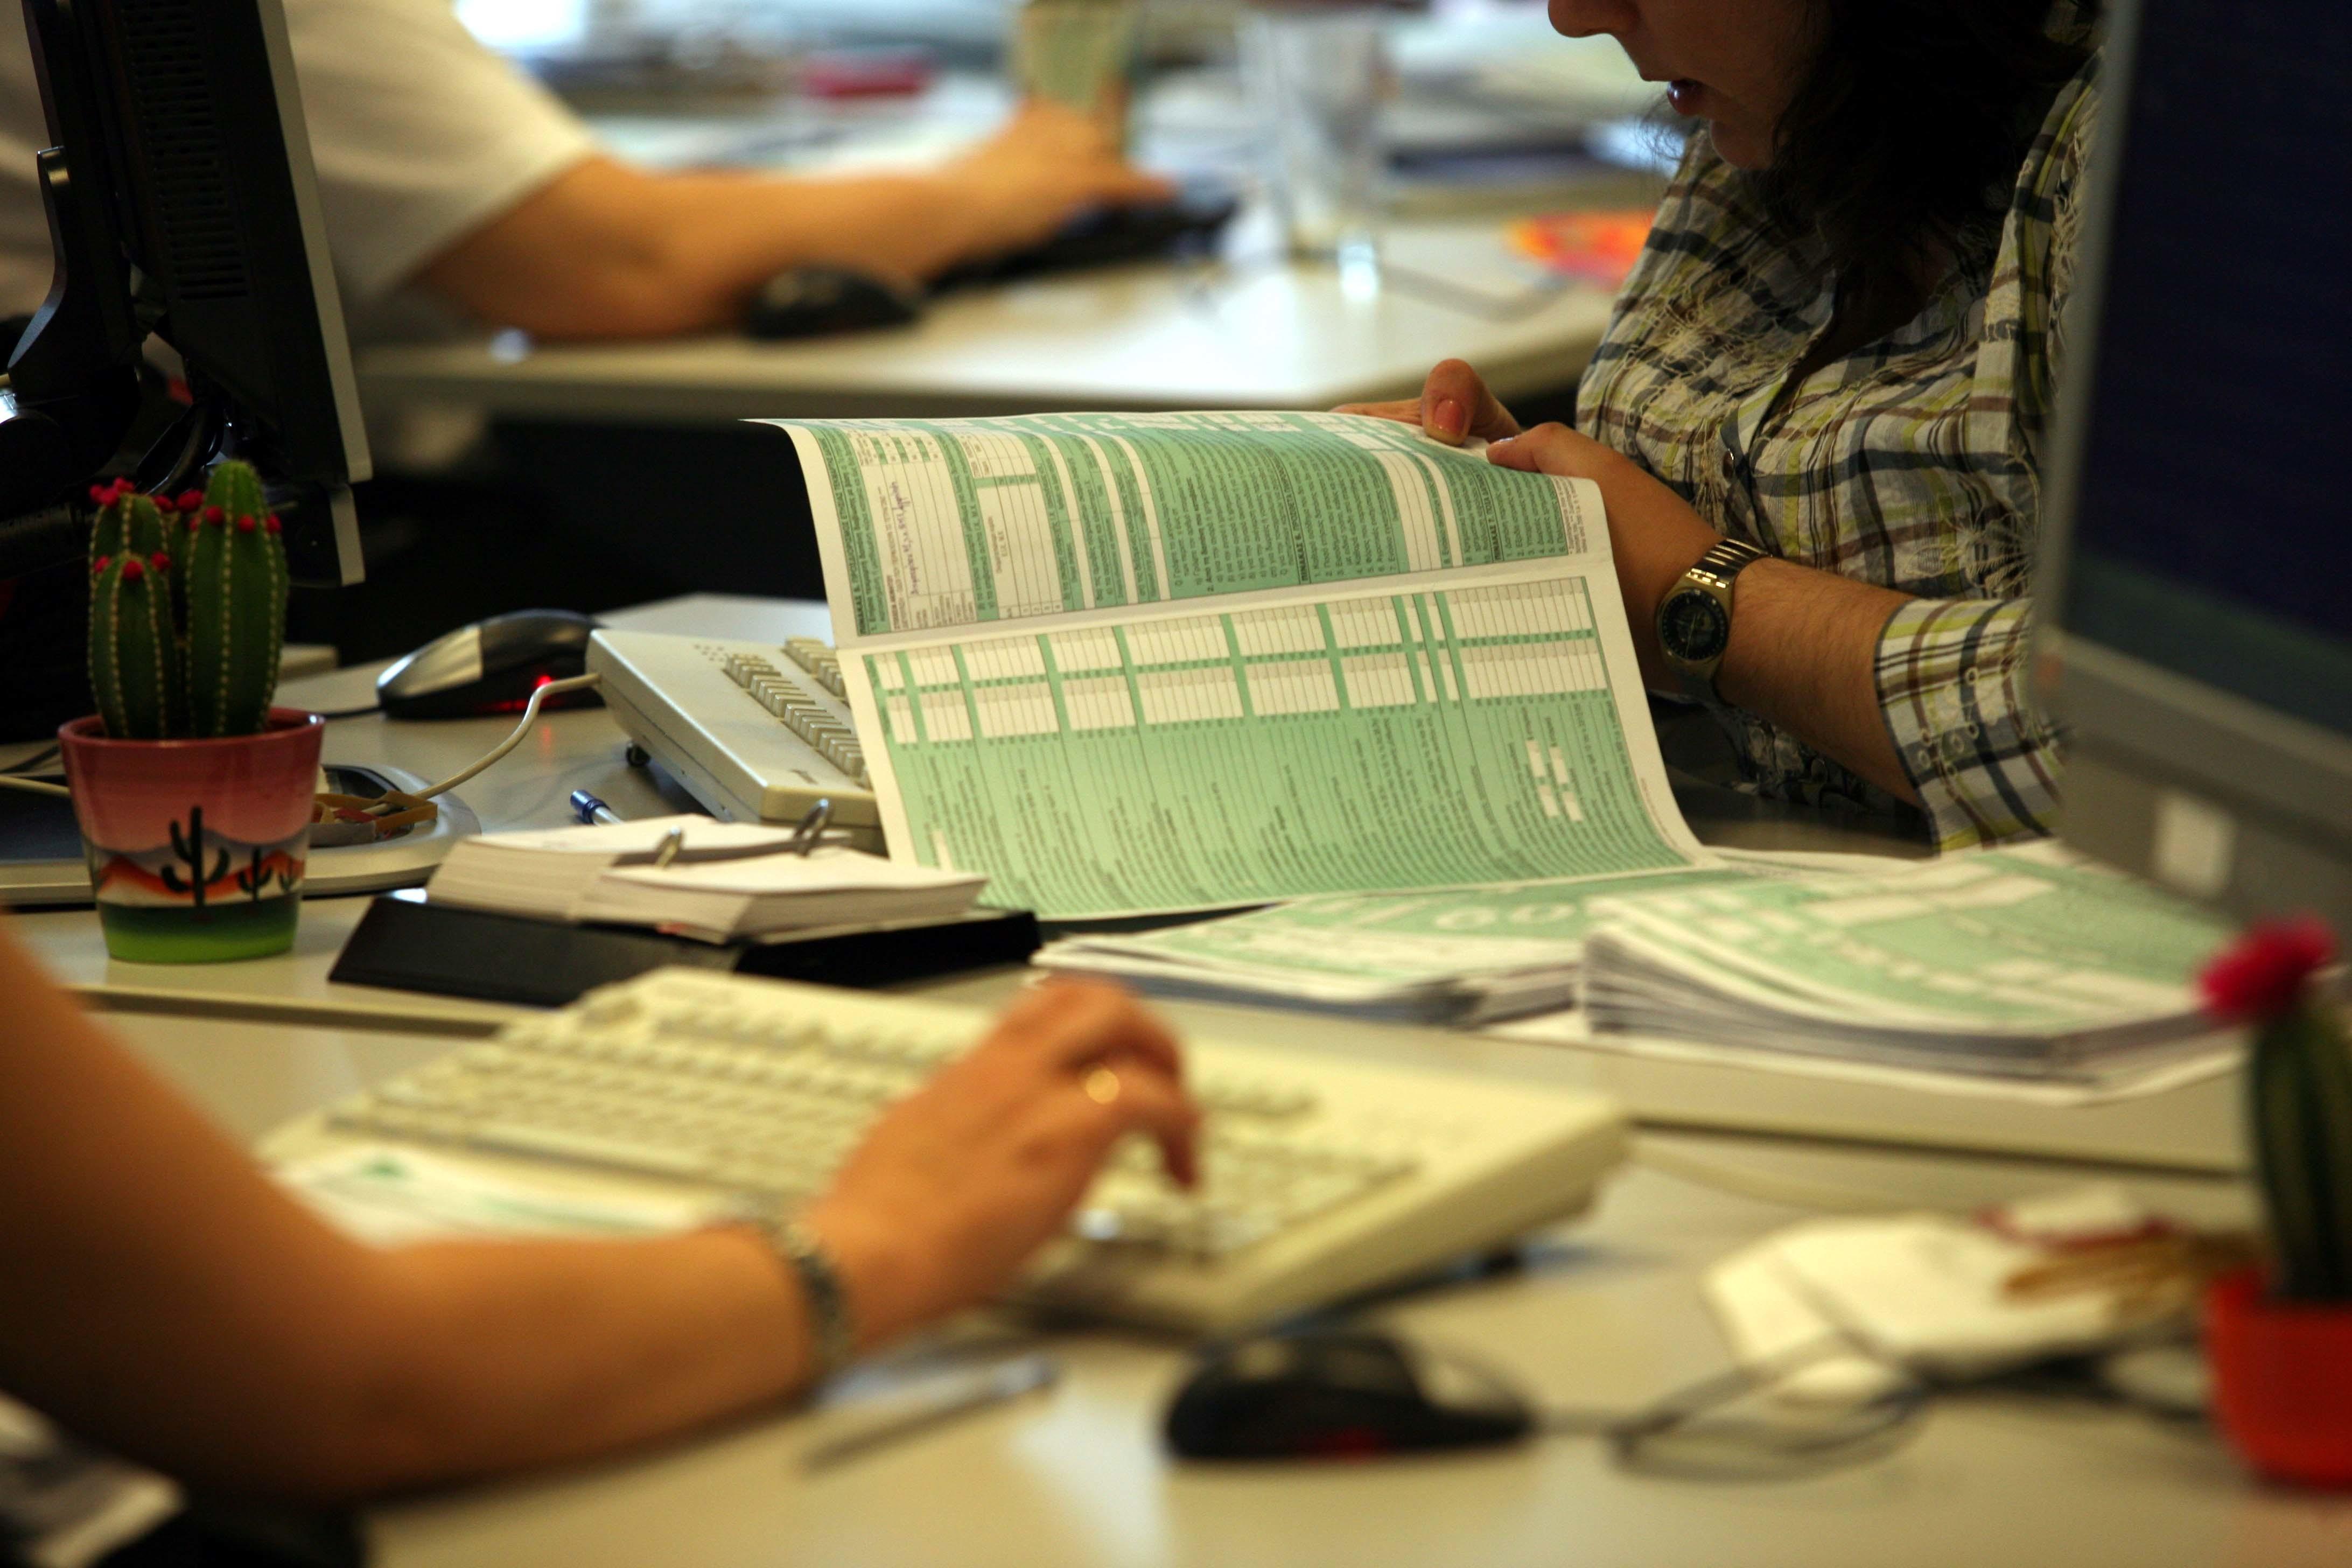 Επιστροφή φόρου: Από σήμερα θα πιστώνεται στους δικαιούχους – Τι πρέπει να γνωρίζετε